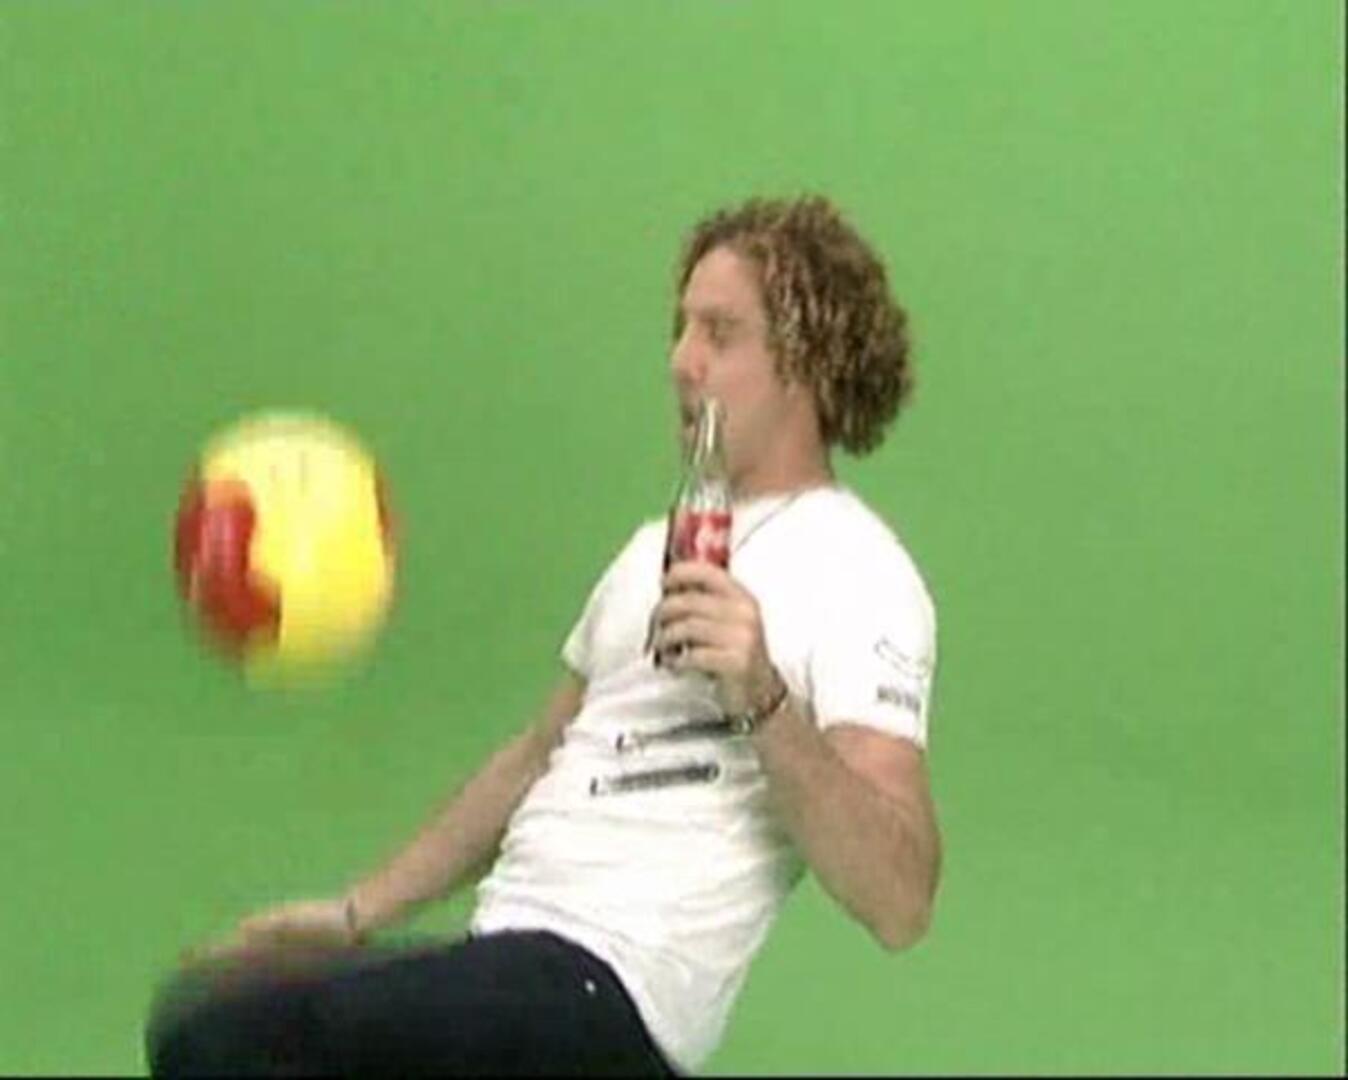 david bisbal desea lo mejor a la seleccion espanola de futbol